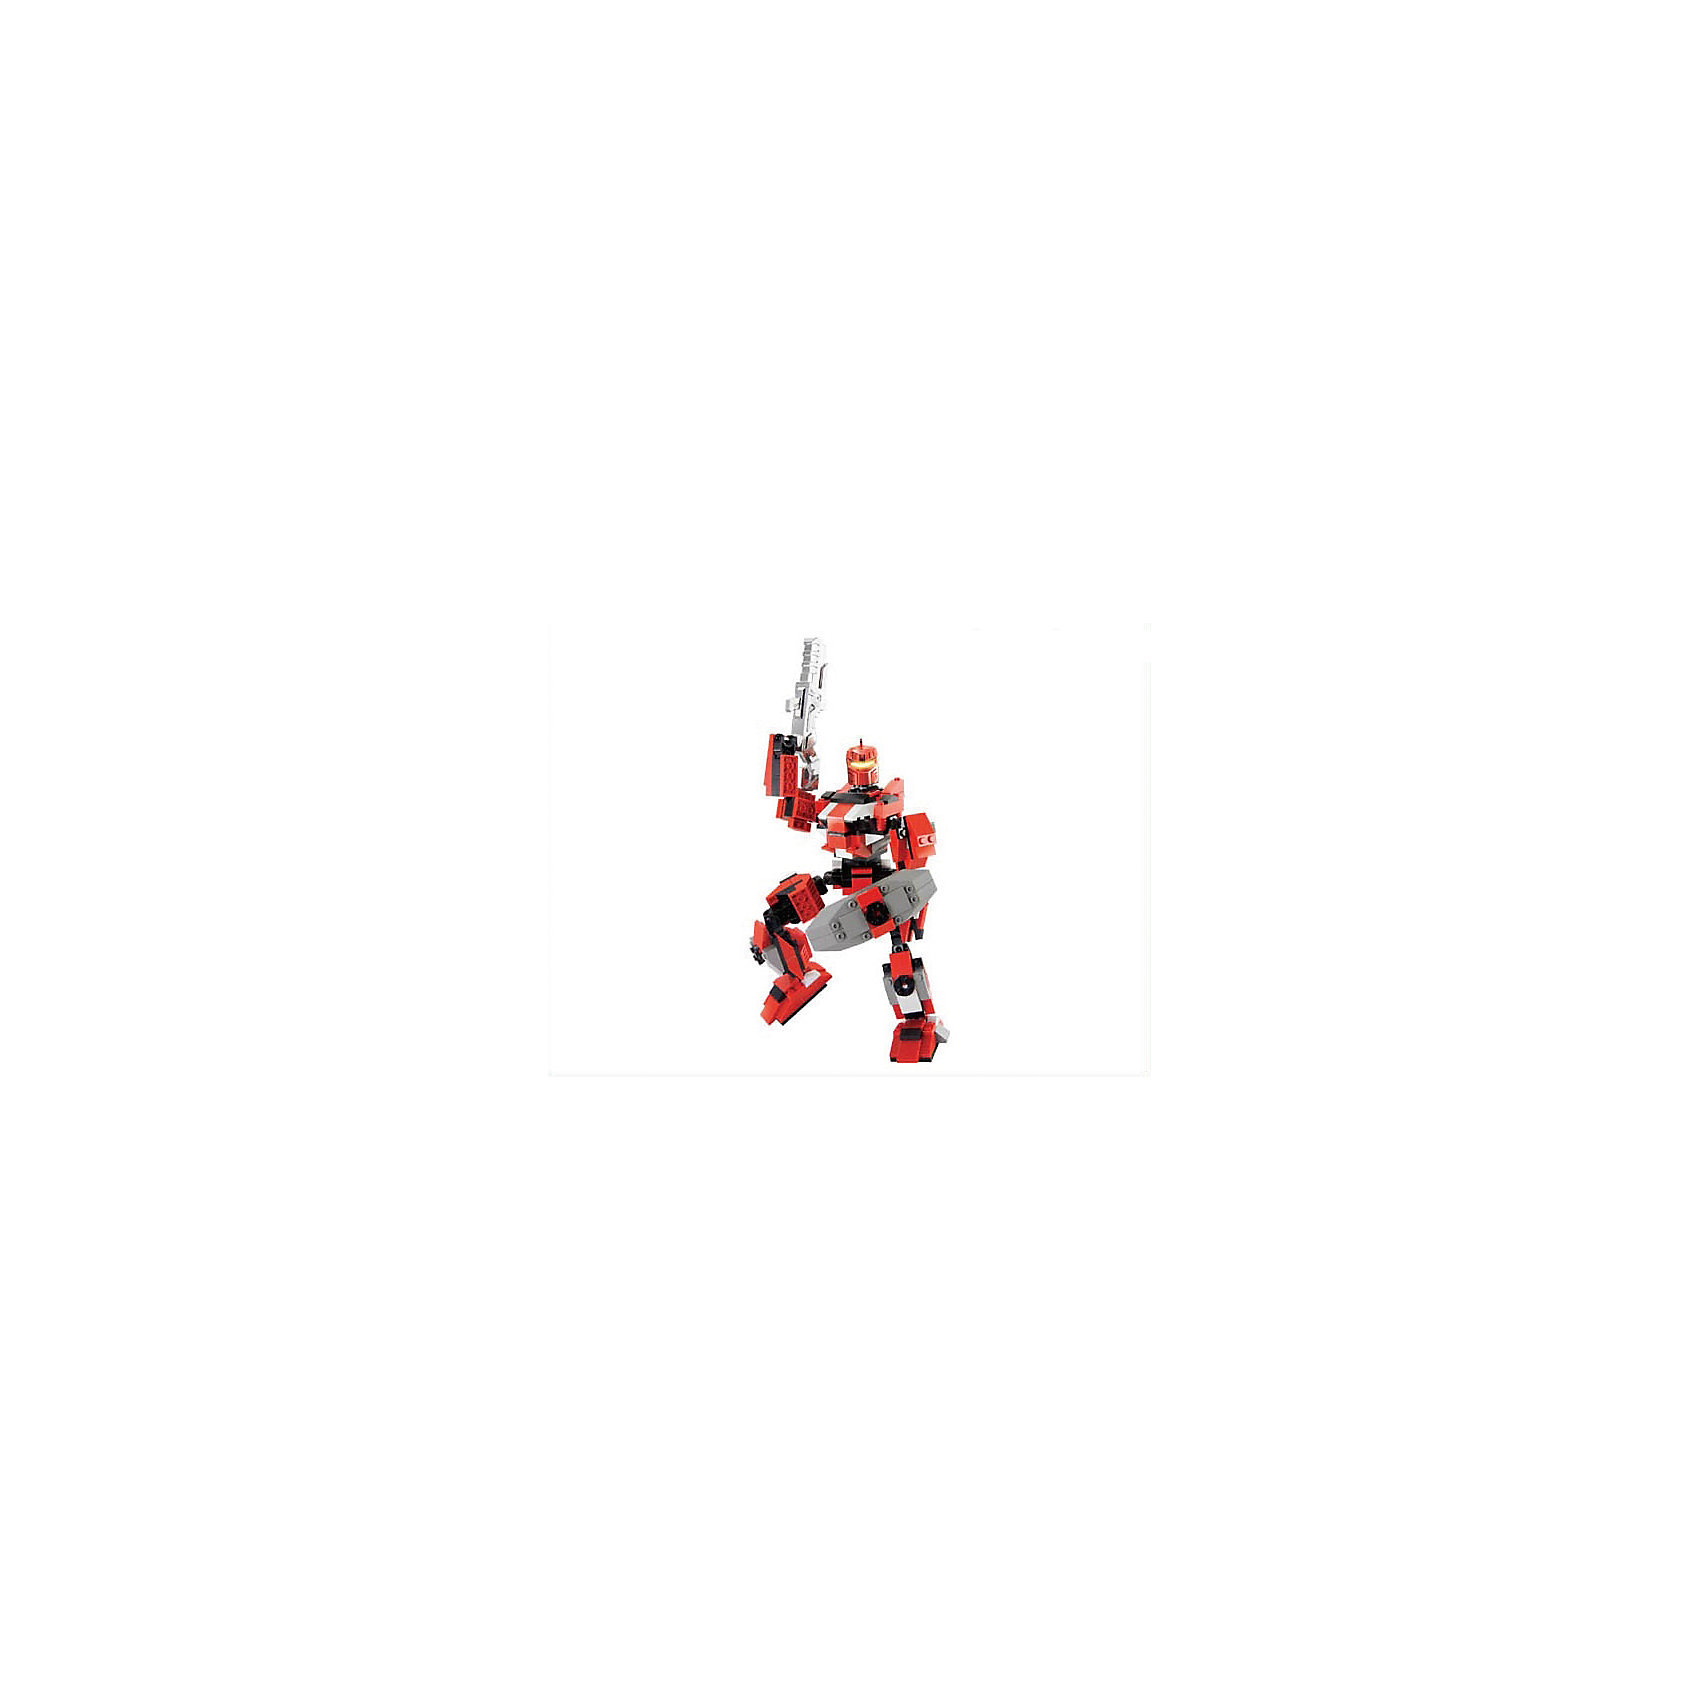 Конструктор Супер Робот: Гефест, 285 деталей, SlubanПластмассовые конструкторы<br>Конструктор Супер Робот: Гефест, 285 деталей, Sluban (Слубан)<br><br>Характеристики:<br><br>• возраст: от 6 лет<br>• робот из конструктора<br>• количество деталей: 285<br>• материал: пластик<br>• размер упаковки: 5,5х23,5х31,5 см<br>• вес: 630 грамм<br><br>Гефест - бог огня и искусный кузнец в греческой мифологии.  Конструктор от Sluban содержит 285 деталей, из которых ребенок сможет собрать робота, являющегося копией бога Гефеста. С отважным воином-роботом ребенок сможет придумать самые интересны приключения, которые точно не дадут заскучать!<br><br>Конструктор Супер Робот: Гефест, 285 деталей, Sluban (Слубан) можно купить в нашем интернет-магазине.<br><br>Ширина мм: 315<br>Глубина мм: 235<br>Высота мм: 55<br>Вес г: 630<br>Возраст от месяцев: 72<br>Возраст до месяцев: 2147483647<br>Пол: Мужской<br>Возраст: Детский<br>SKU: 5453697